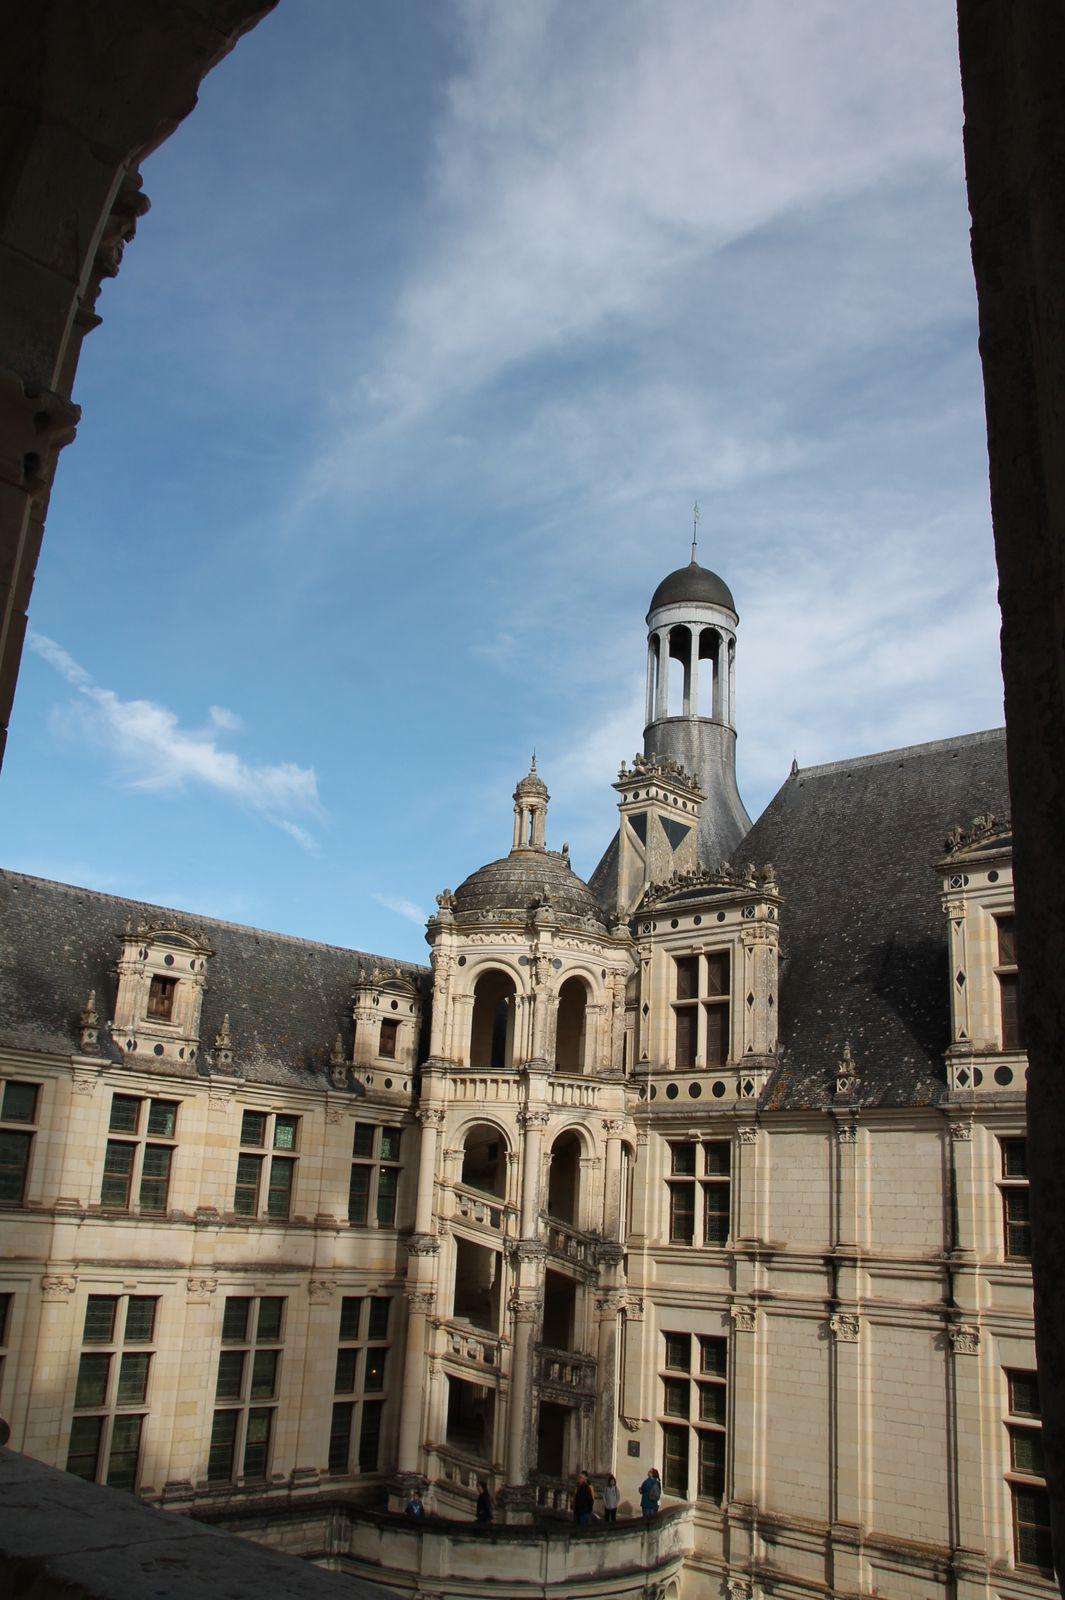 Gratin de courgettes au sarrasin et au chèvre de Sainte Maure - balade en Pays de Loire : Chambord